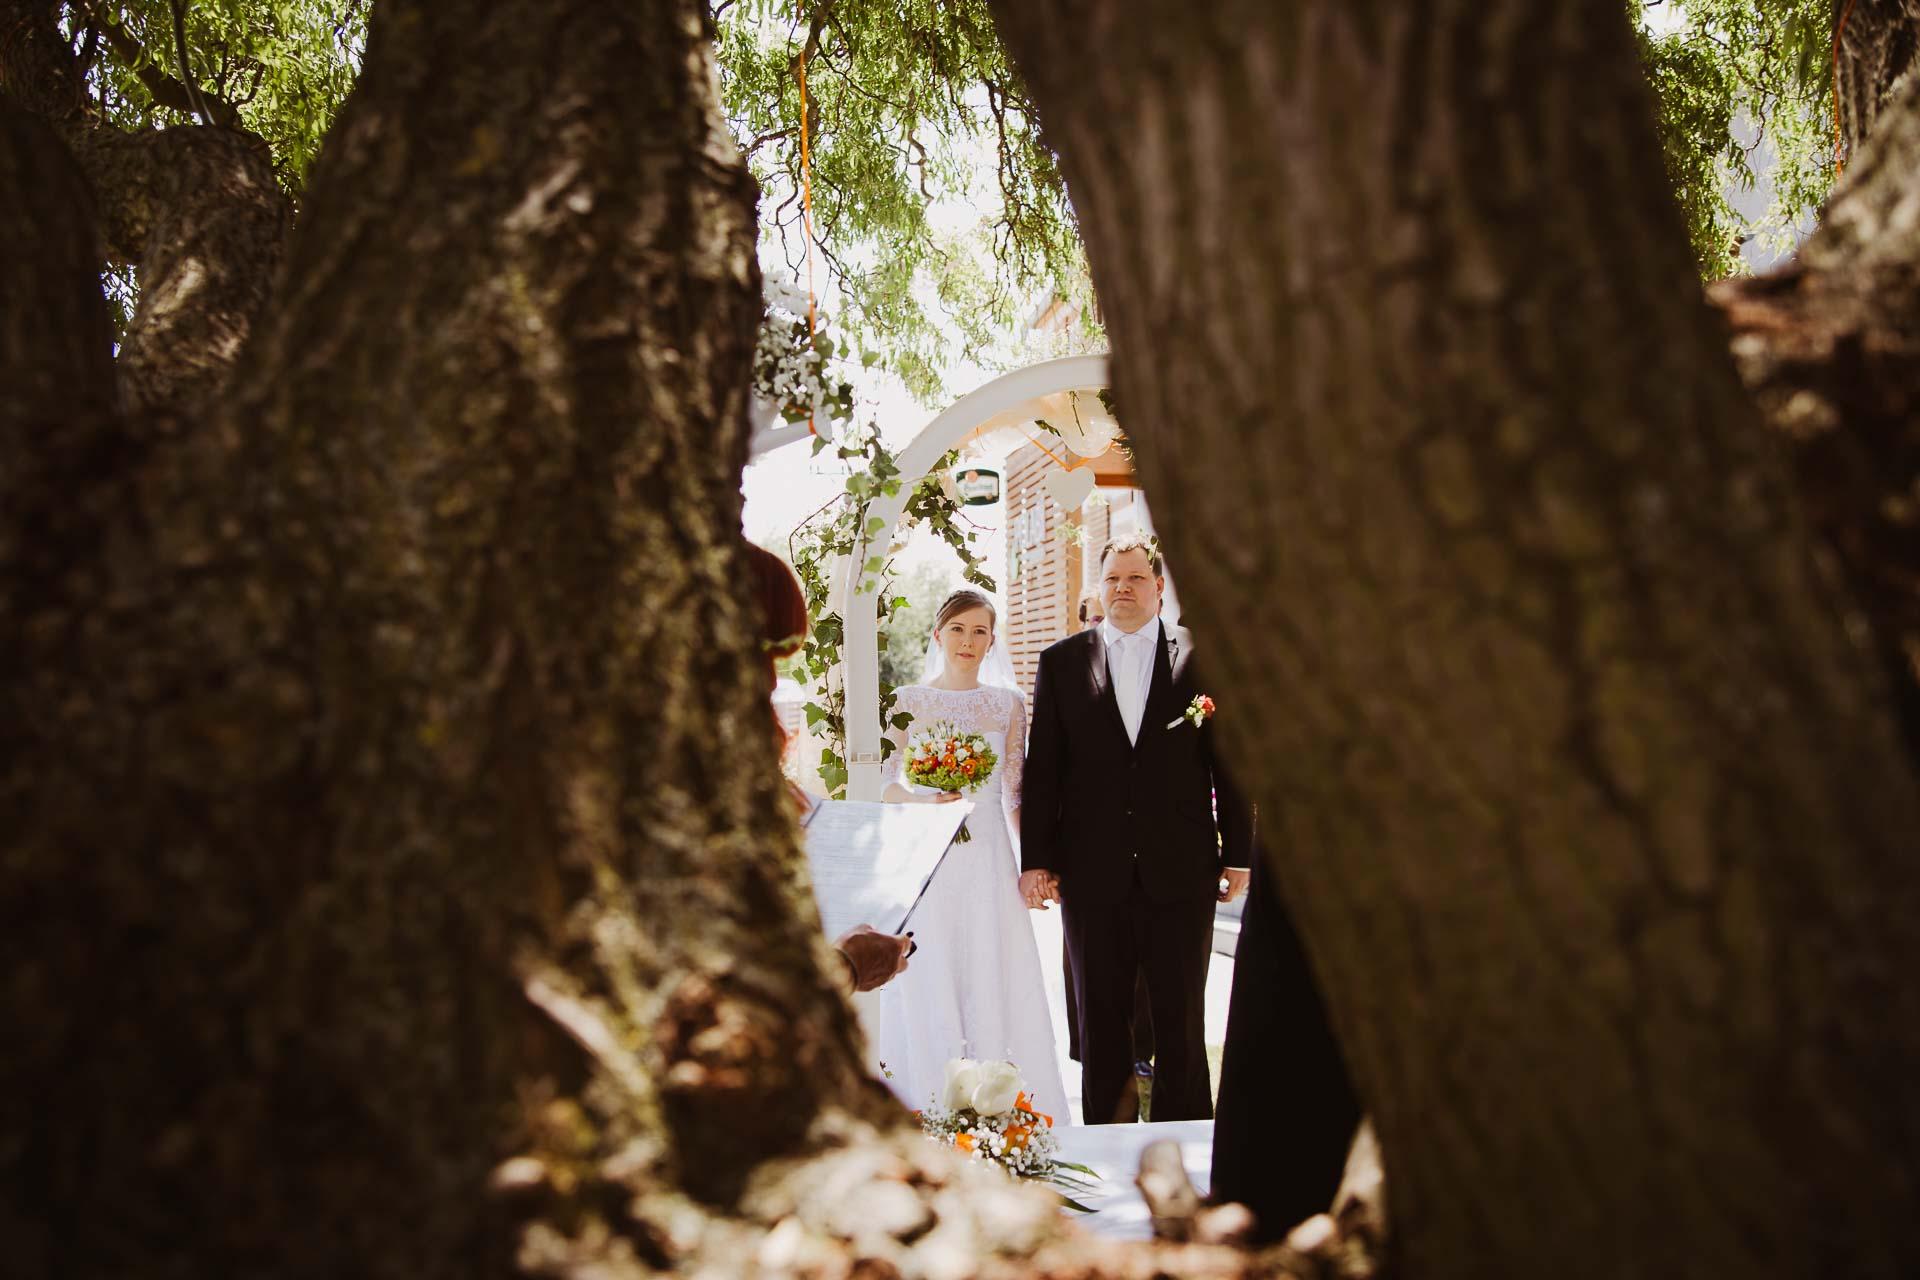 svatební fotograf Lysá nad Labem, penzion Polabí Přerov nad Labem, letní svatba-80